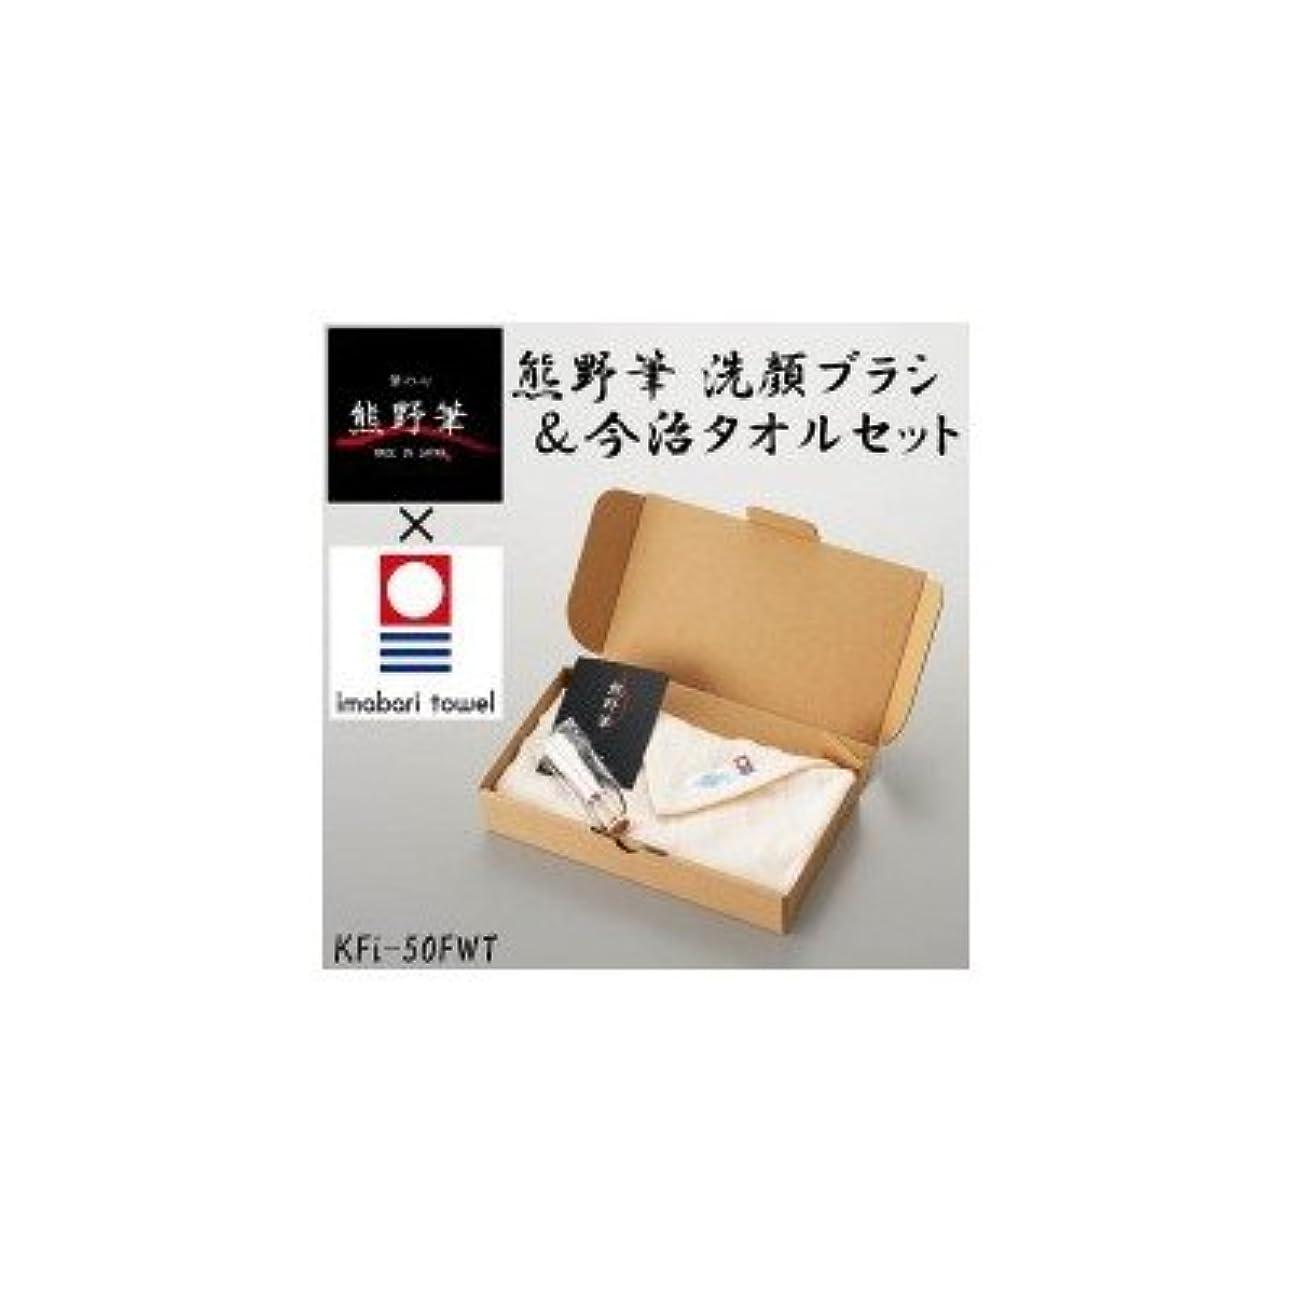 無ロボット呼ぶ熊野筆と今治タオルのコラボレーション 熊野筆 洗顔ブラシ&今治タオルセット KFi-50FWT